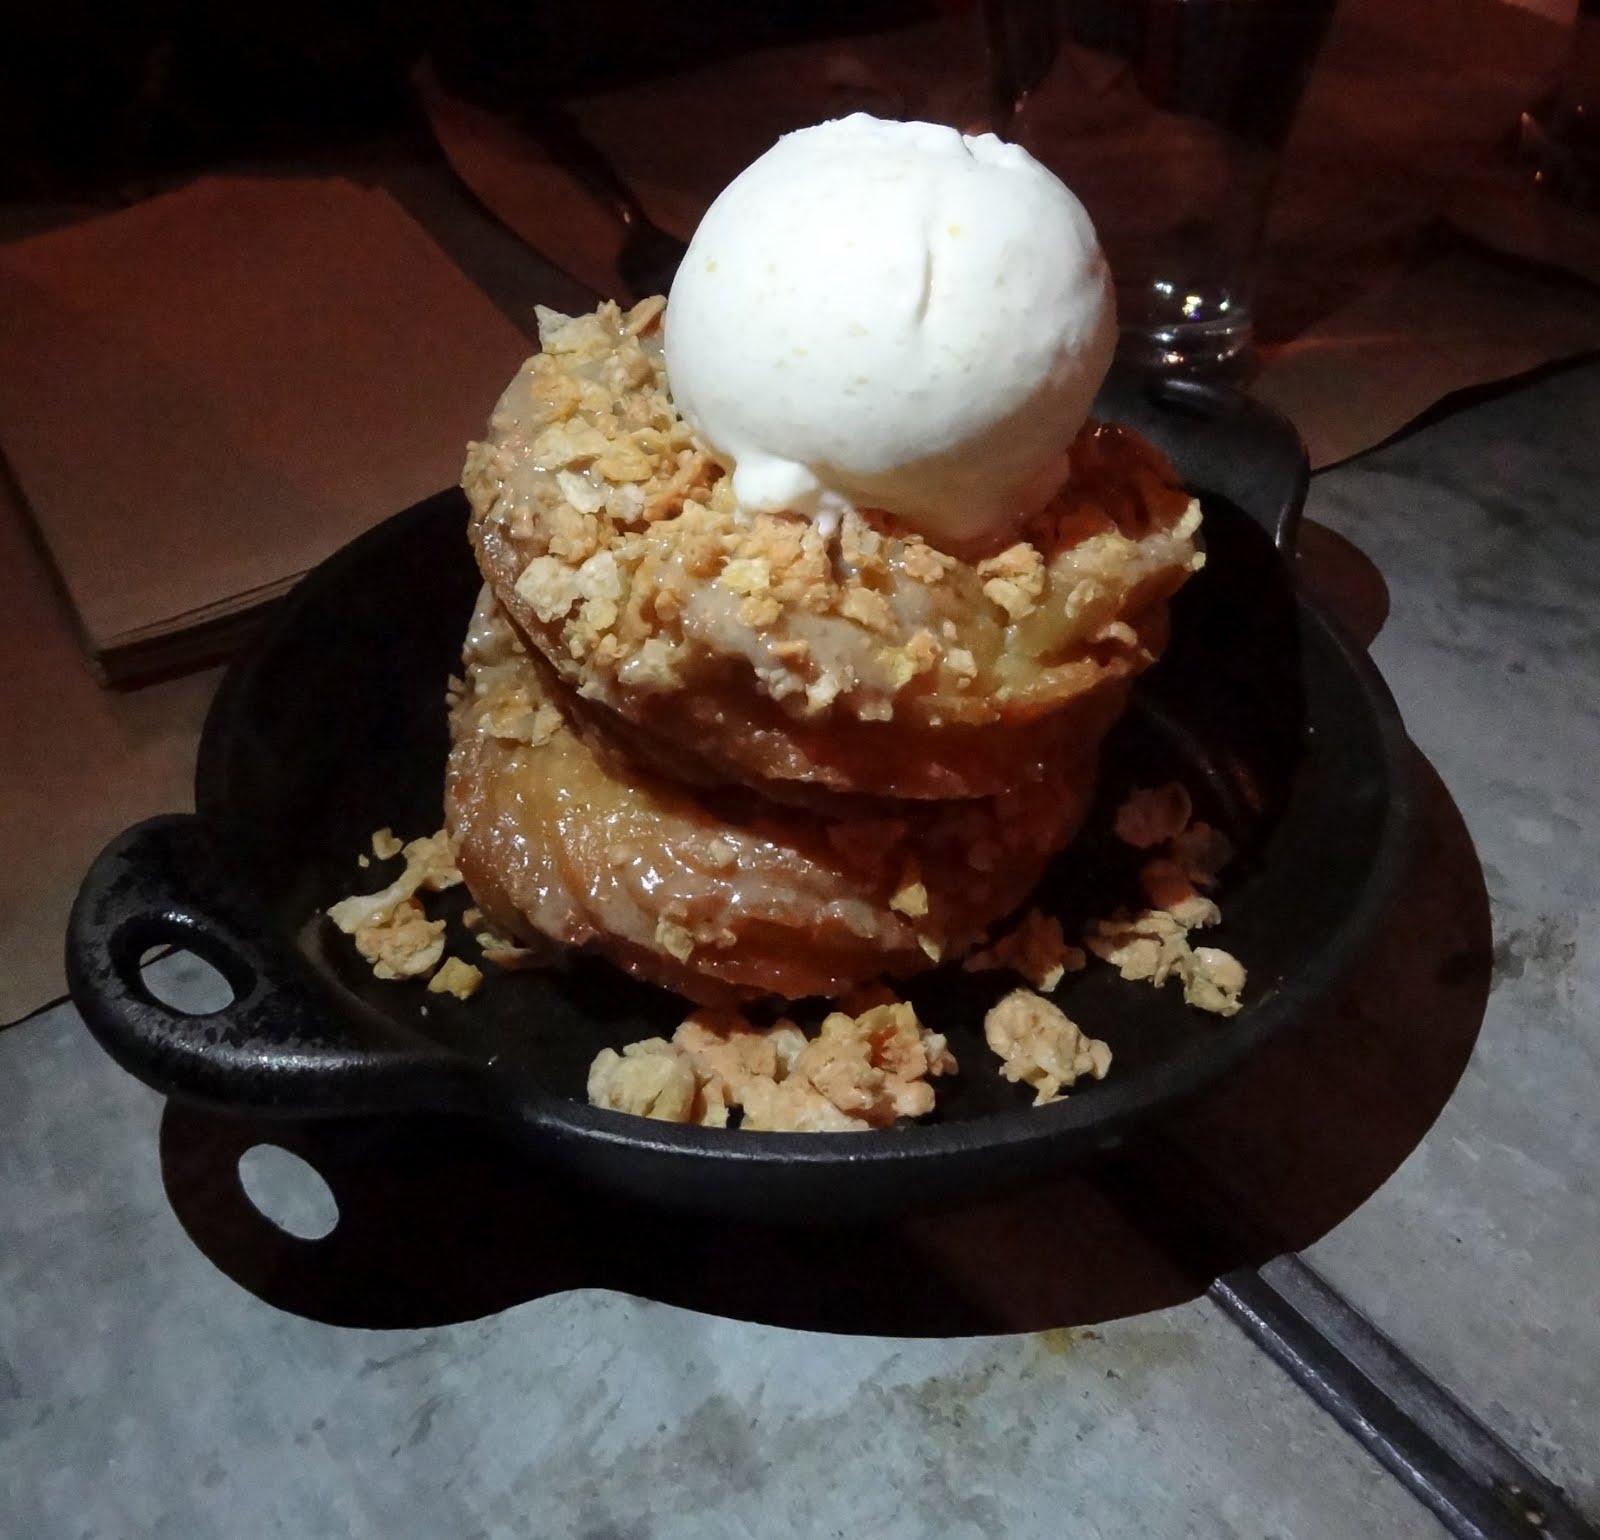 Los Angeles Restaurant: Plan Check Kitchen + Bar